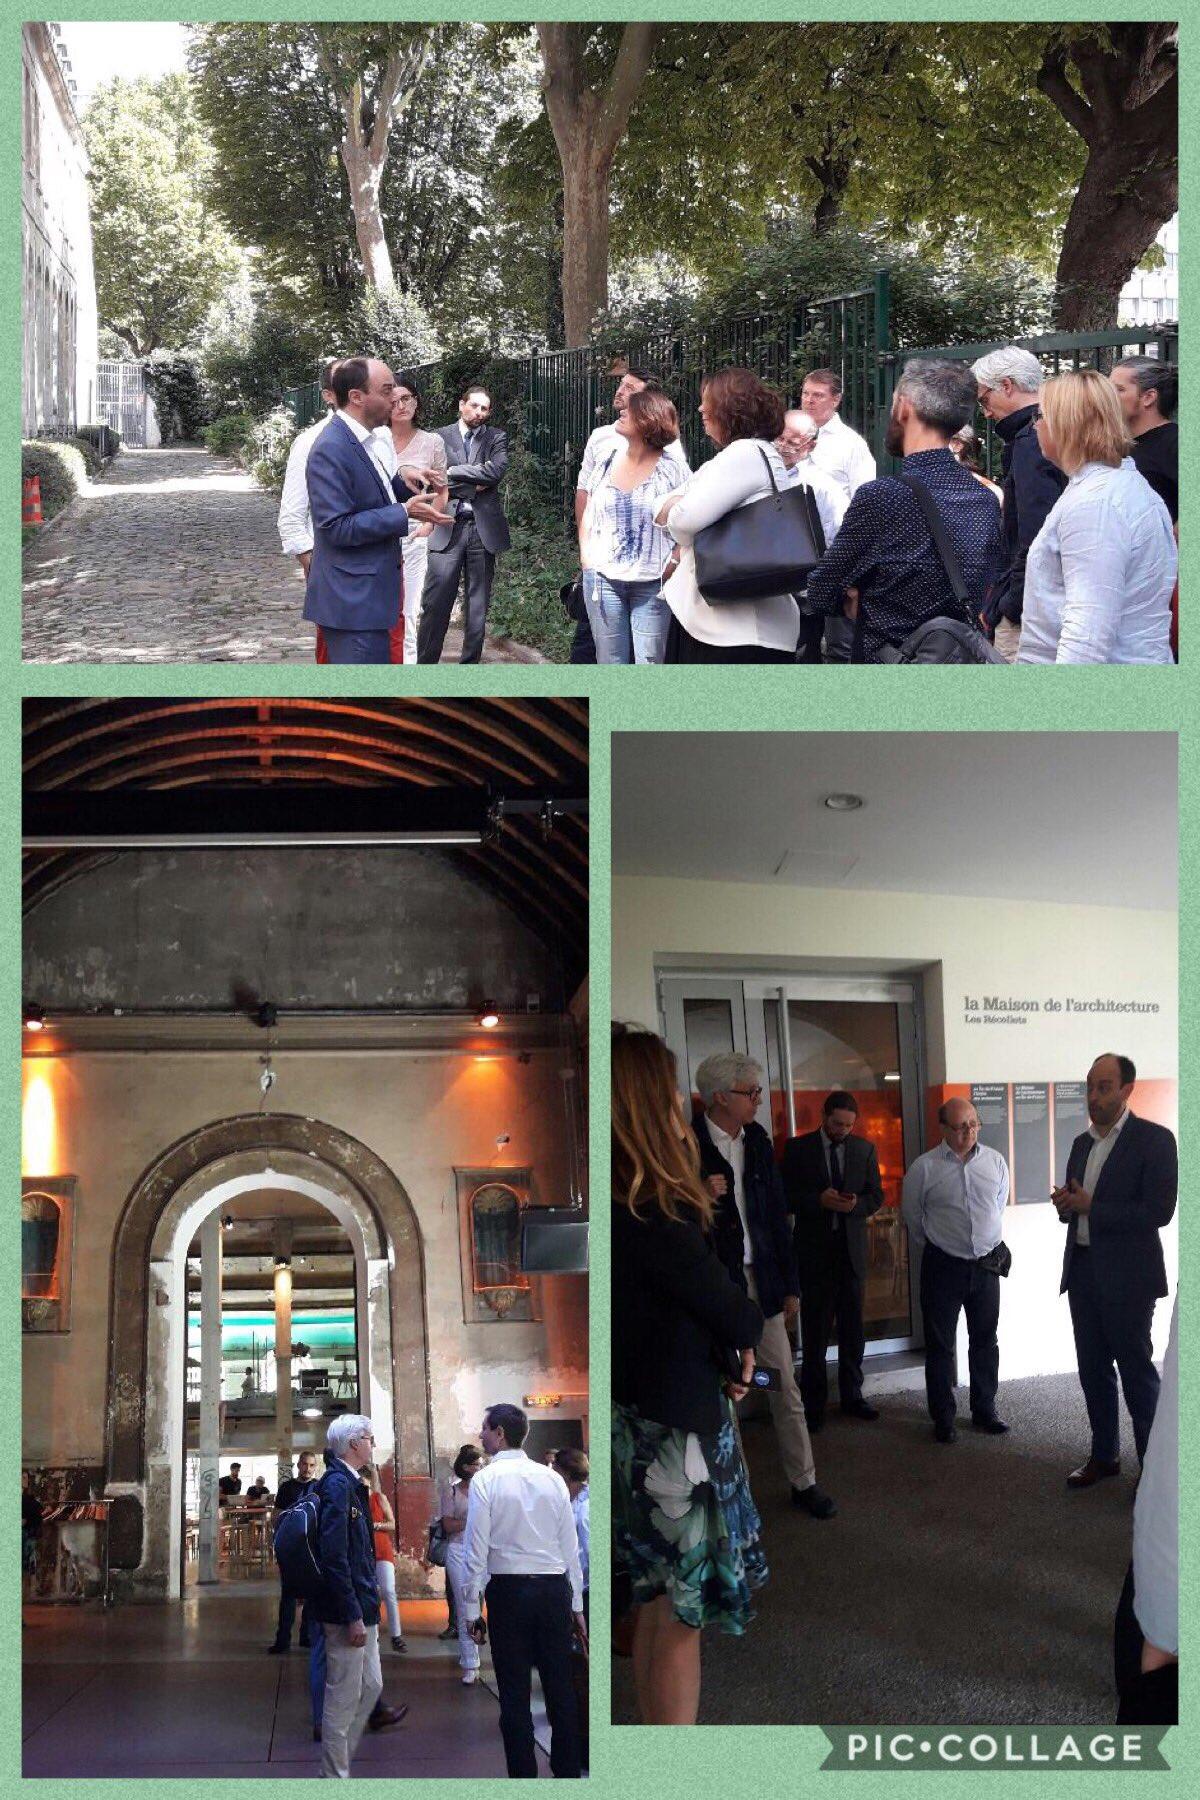 [#LabCedap] Avant la pause-déj, le groupe assiste à une visite guidée de la @MA_IDF par #PierreFabry #Cedap #Culture https://t.co/vCJMLk529G